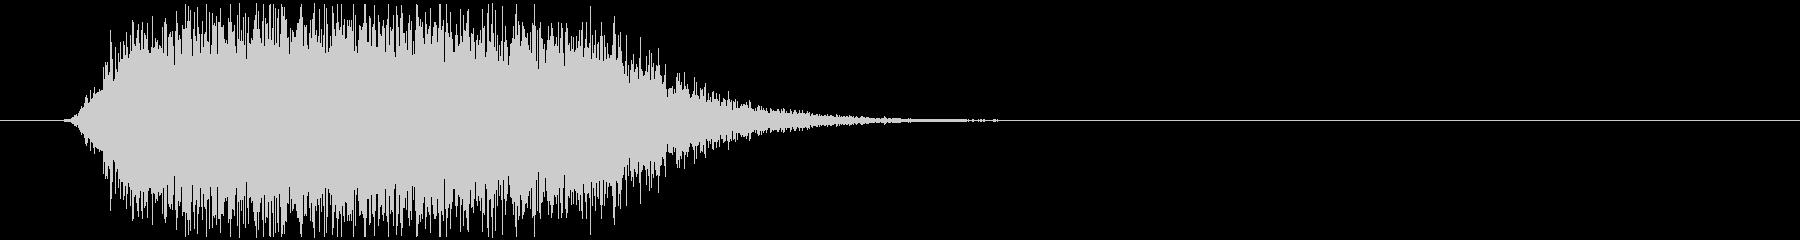 恐竜の叫び声 短め8_リバーブの未再生の波形